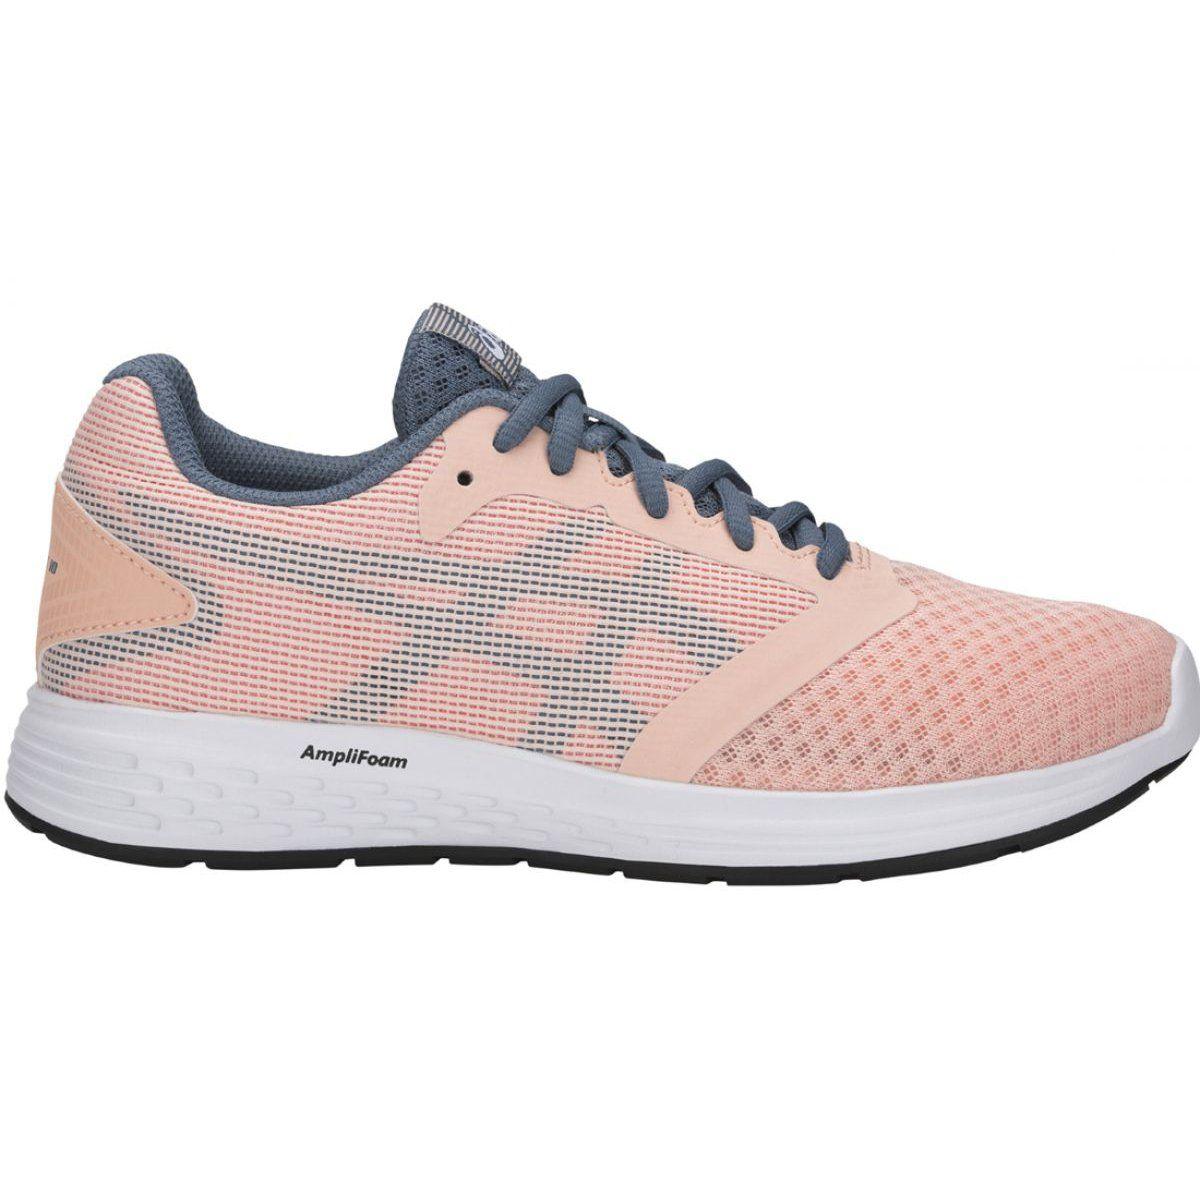 Buty Do Biegania Asics Patriot 10 Jr 1014a025 700 Rozowe Wielokolorowe Girls Running Shoes Pink Running Shoes Kids Running Shoes